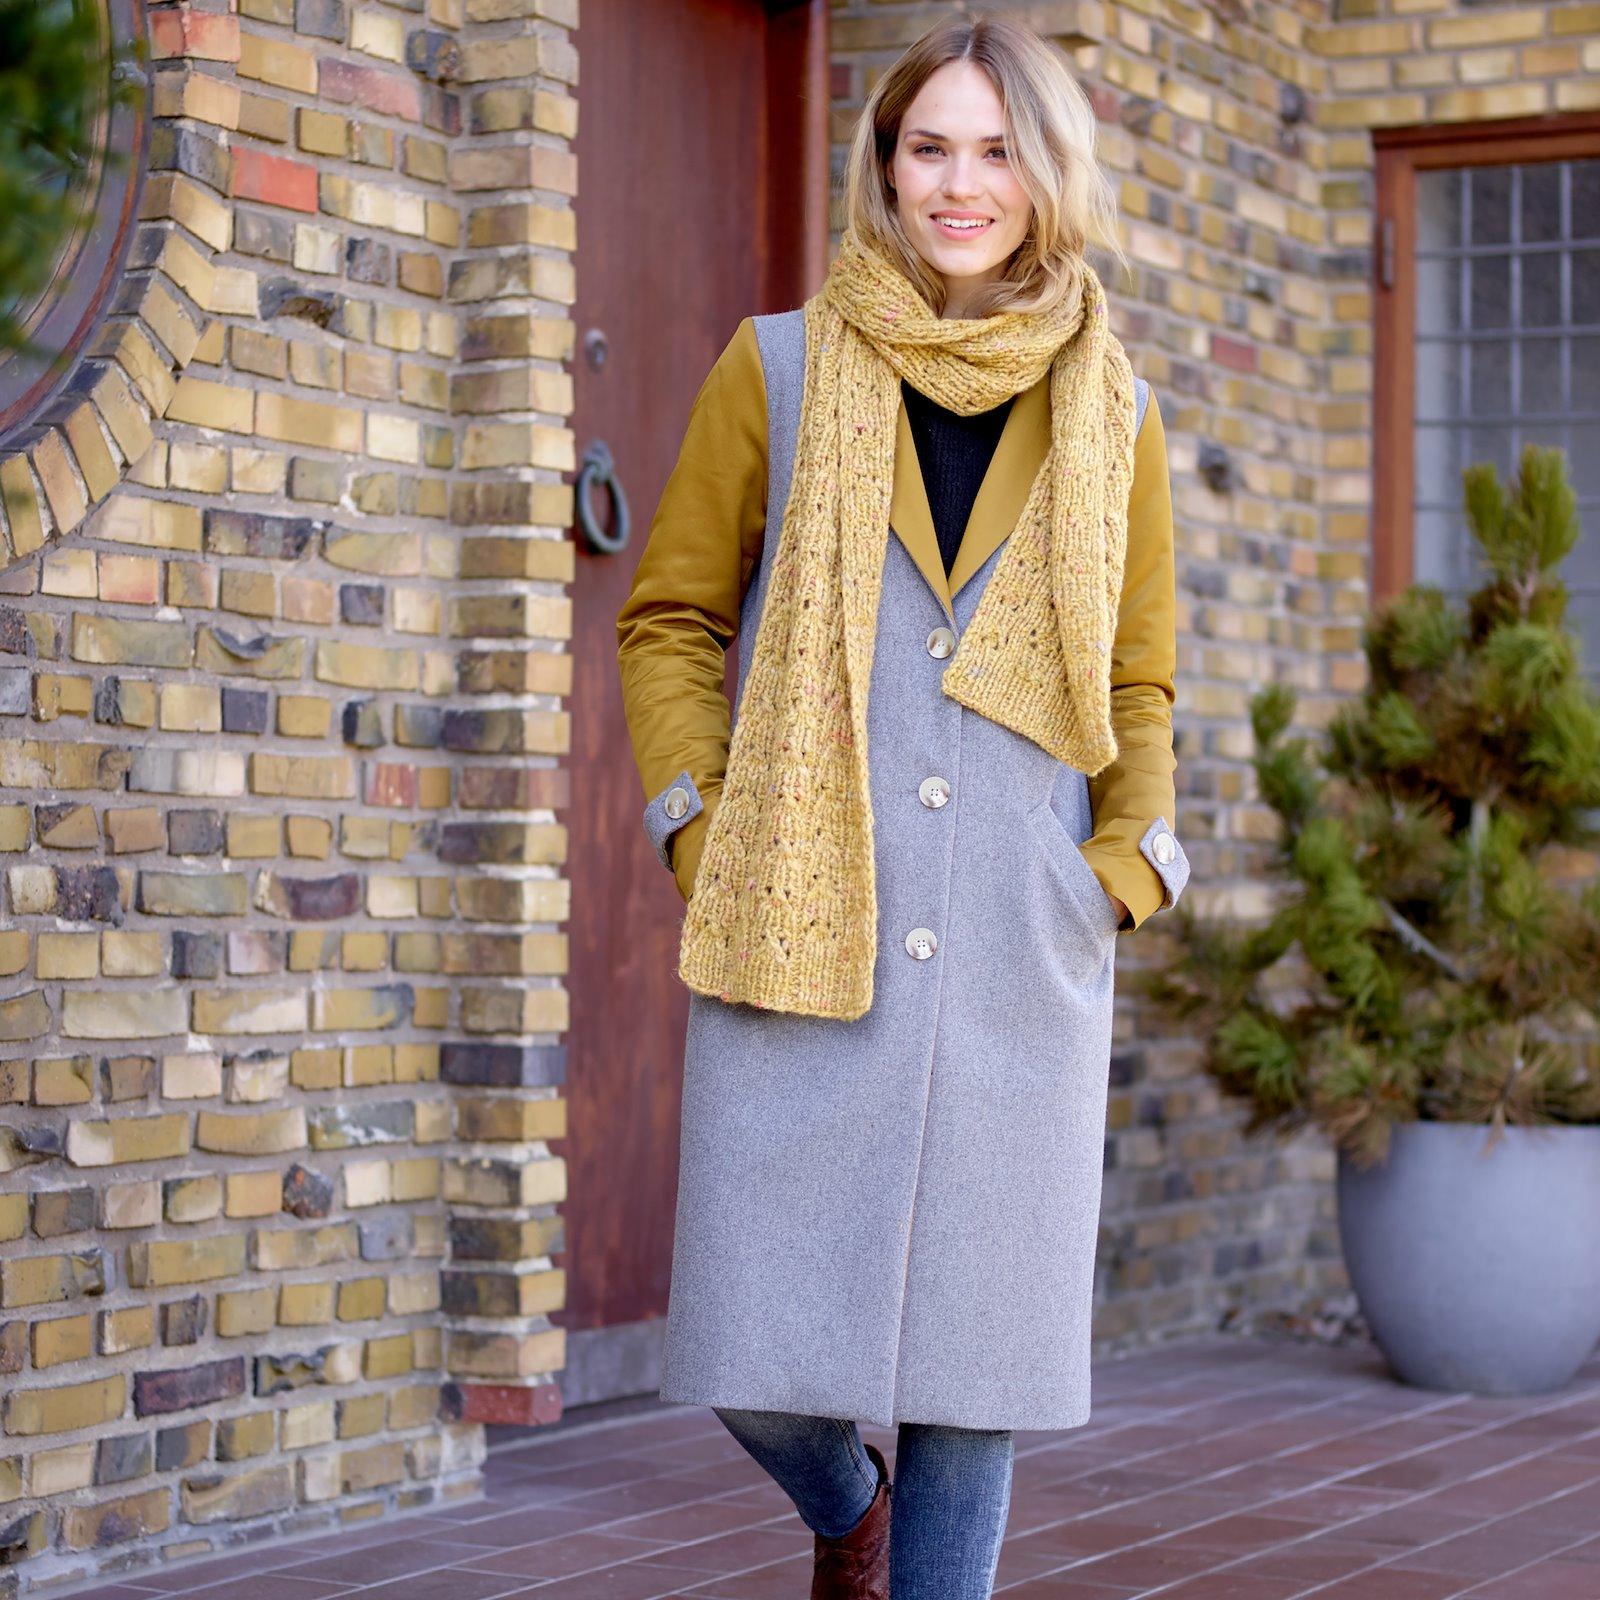 Long coat, 46/18 p24041_300130_450818_5005_21338_40239_sskit